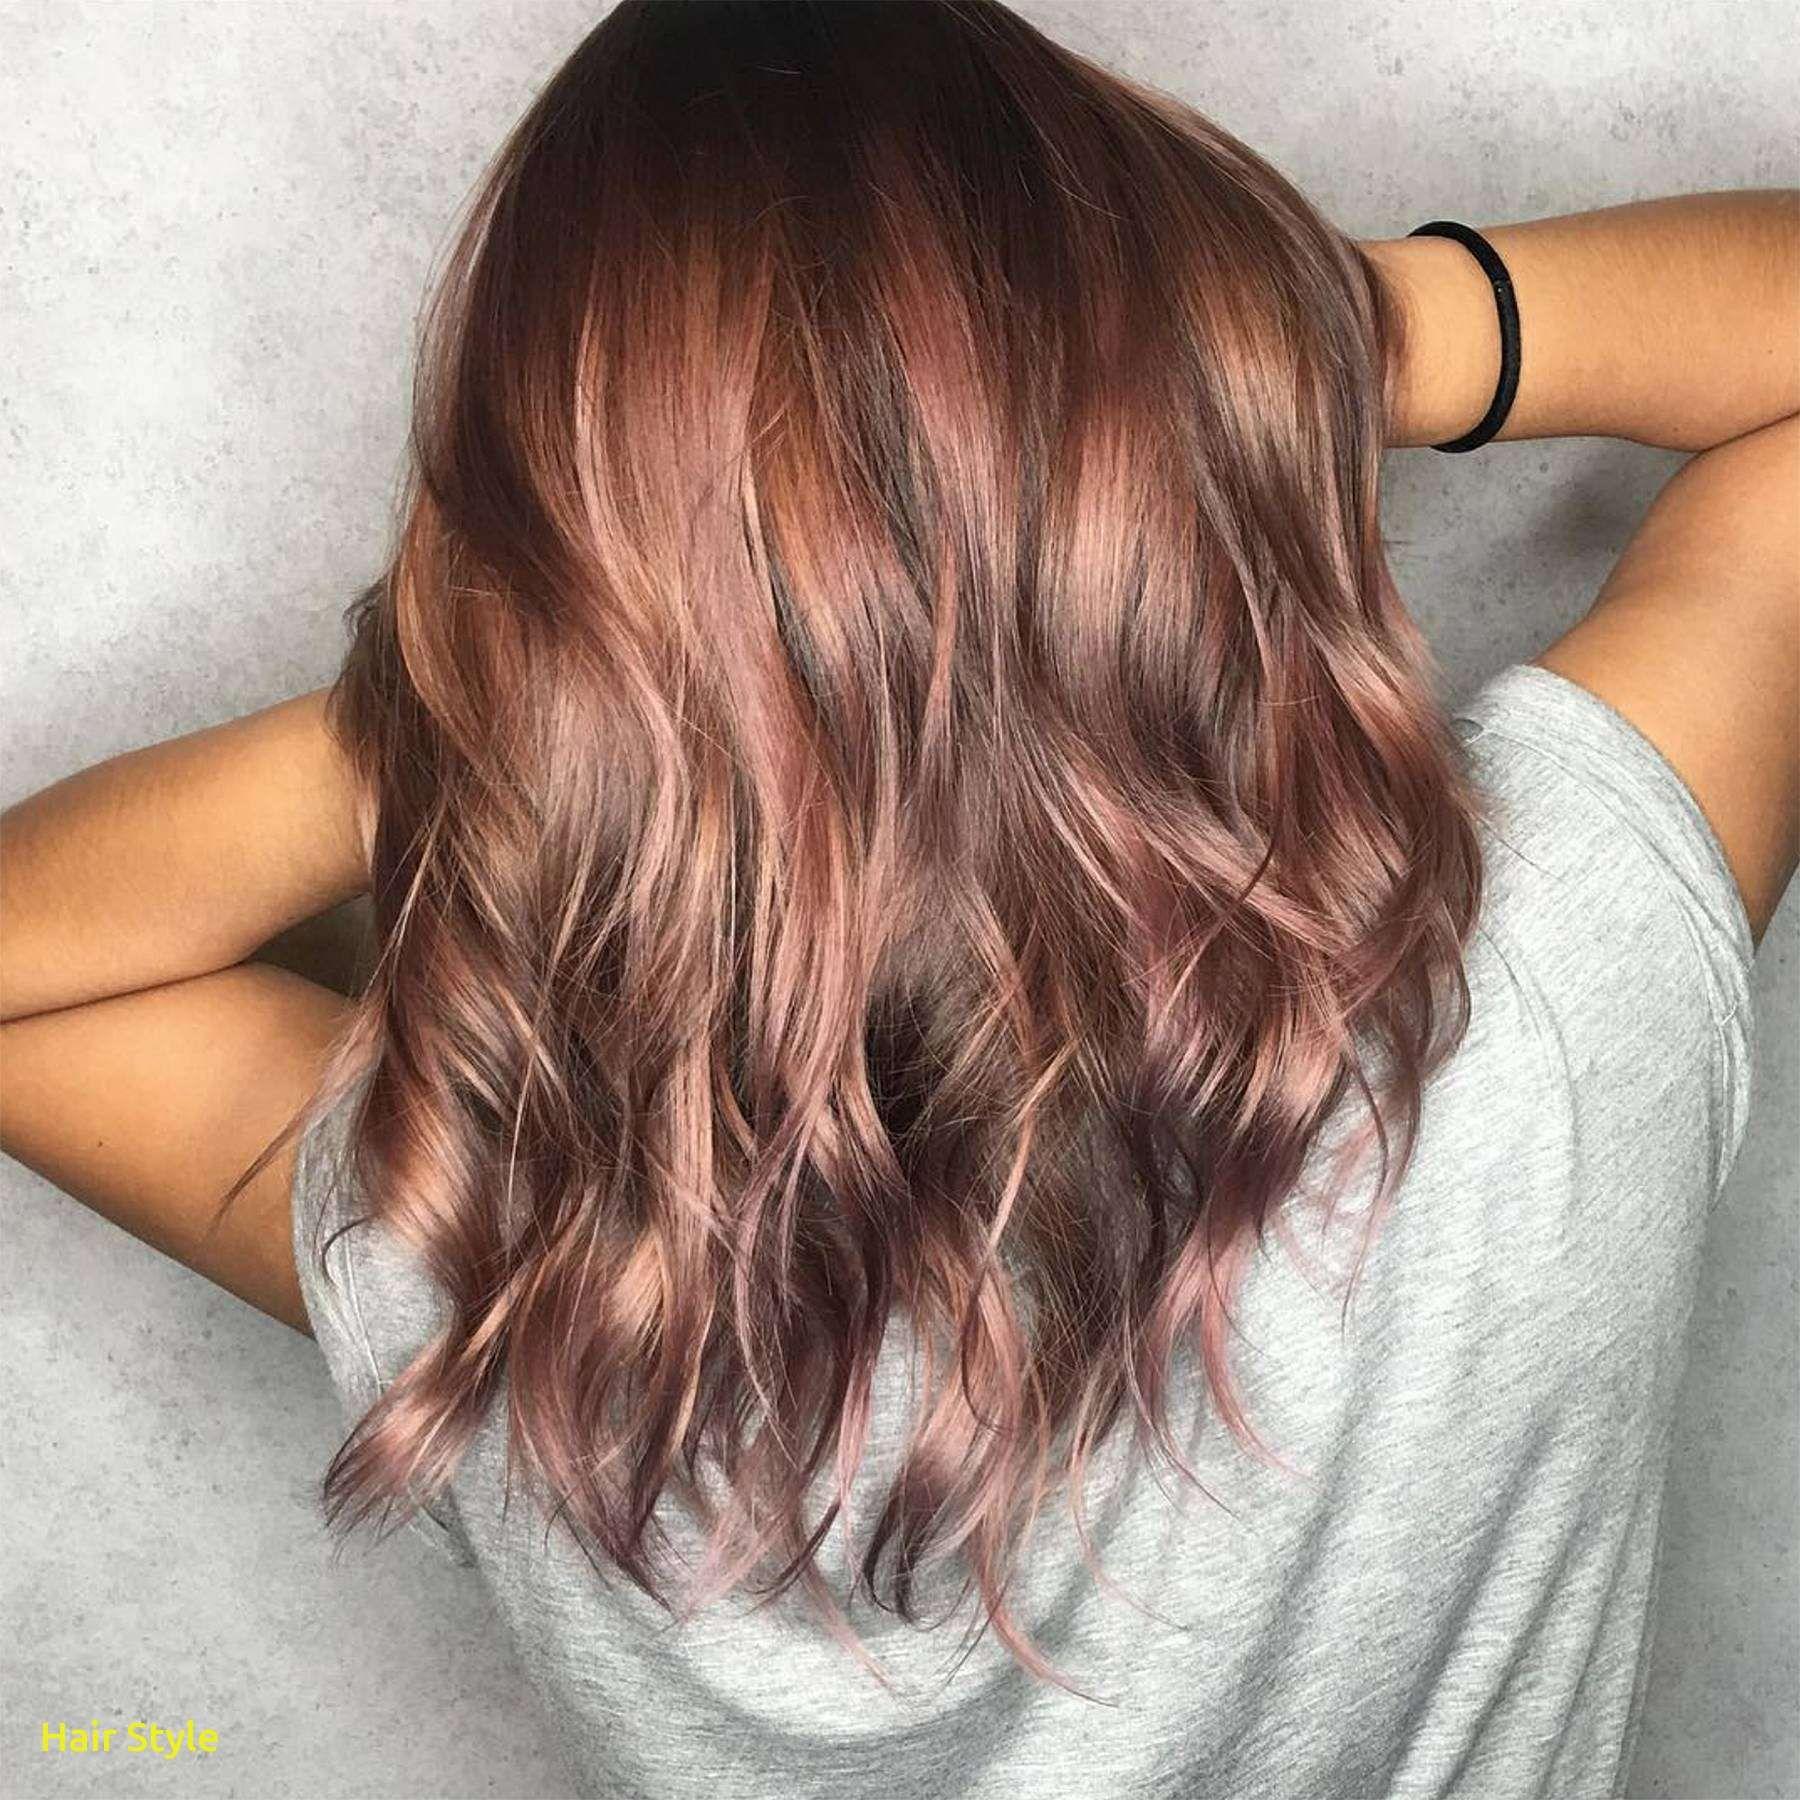 Inspirierende Sommer 2019 Haarfarbe Trends Haare Trends 2019